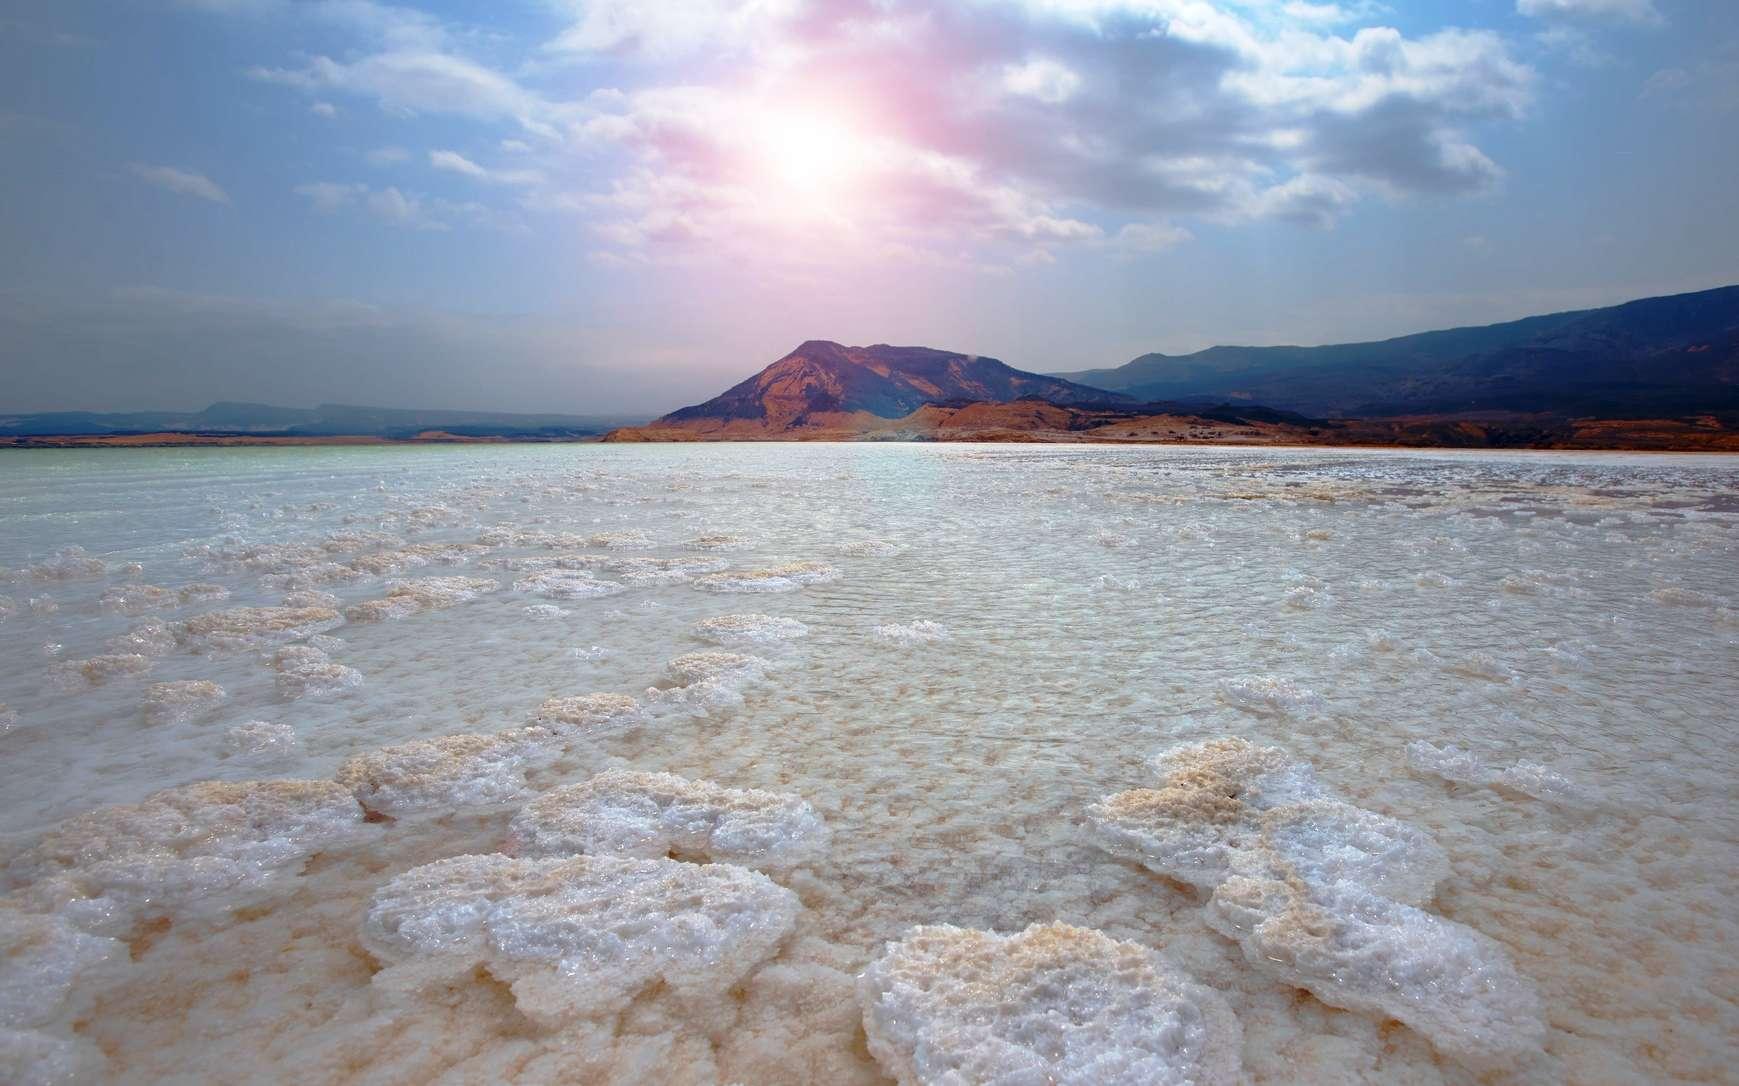 Quand la Méditerranée a perdu 2 km d'eau, des volcans se sont allumés. Ici, le lac Assal ; il se trouve dans la dépression de l'Afar, à 153 mètres sous le niveau de la mer, ce qui fait de lui le point le plus bas du continent africain. L'Afar est une région volcanique dans laquelle on trouve des chaînes volcaniques axiales de type océanique (au plan tectonique et magmatique). Il s'agit donc du fond d'un tout jeune océan accompagnant la formation de la mer Rouge. © trub, Fotolia